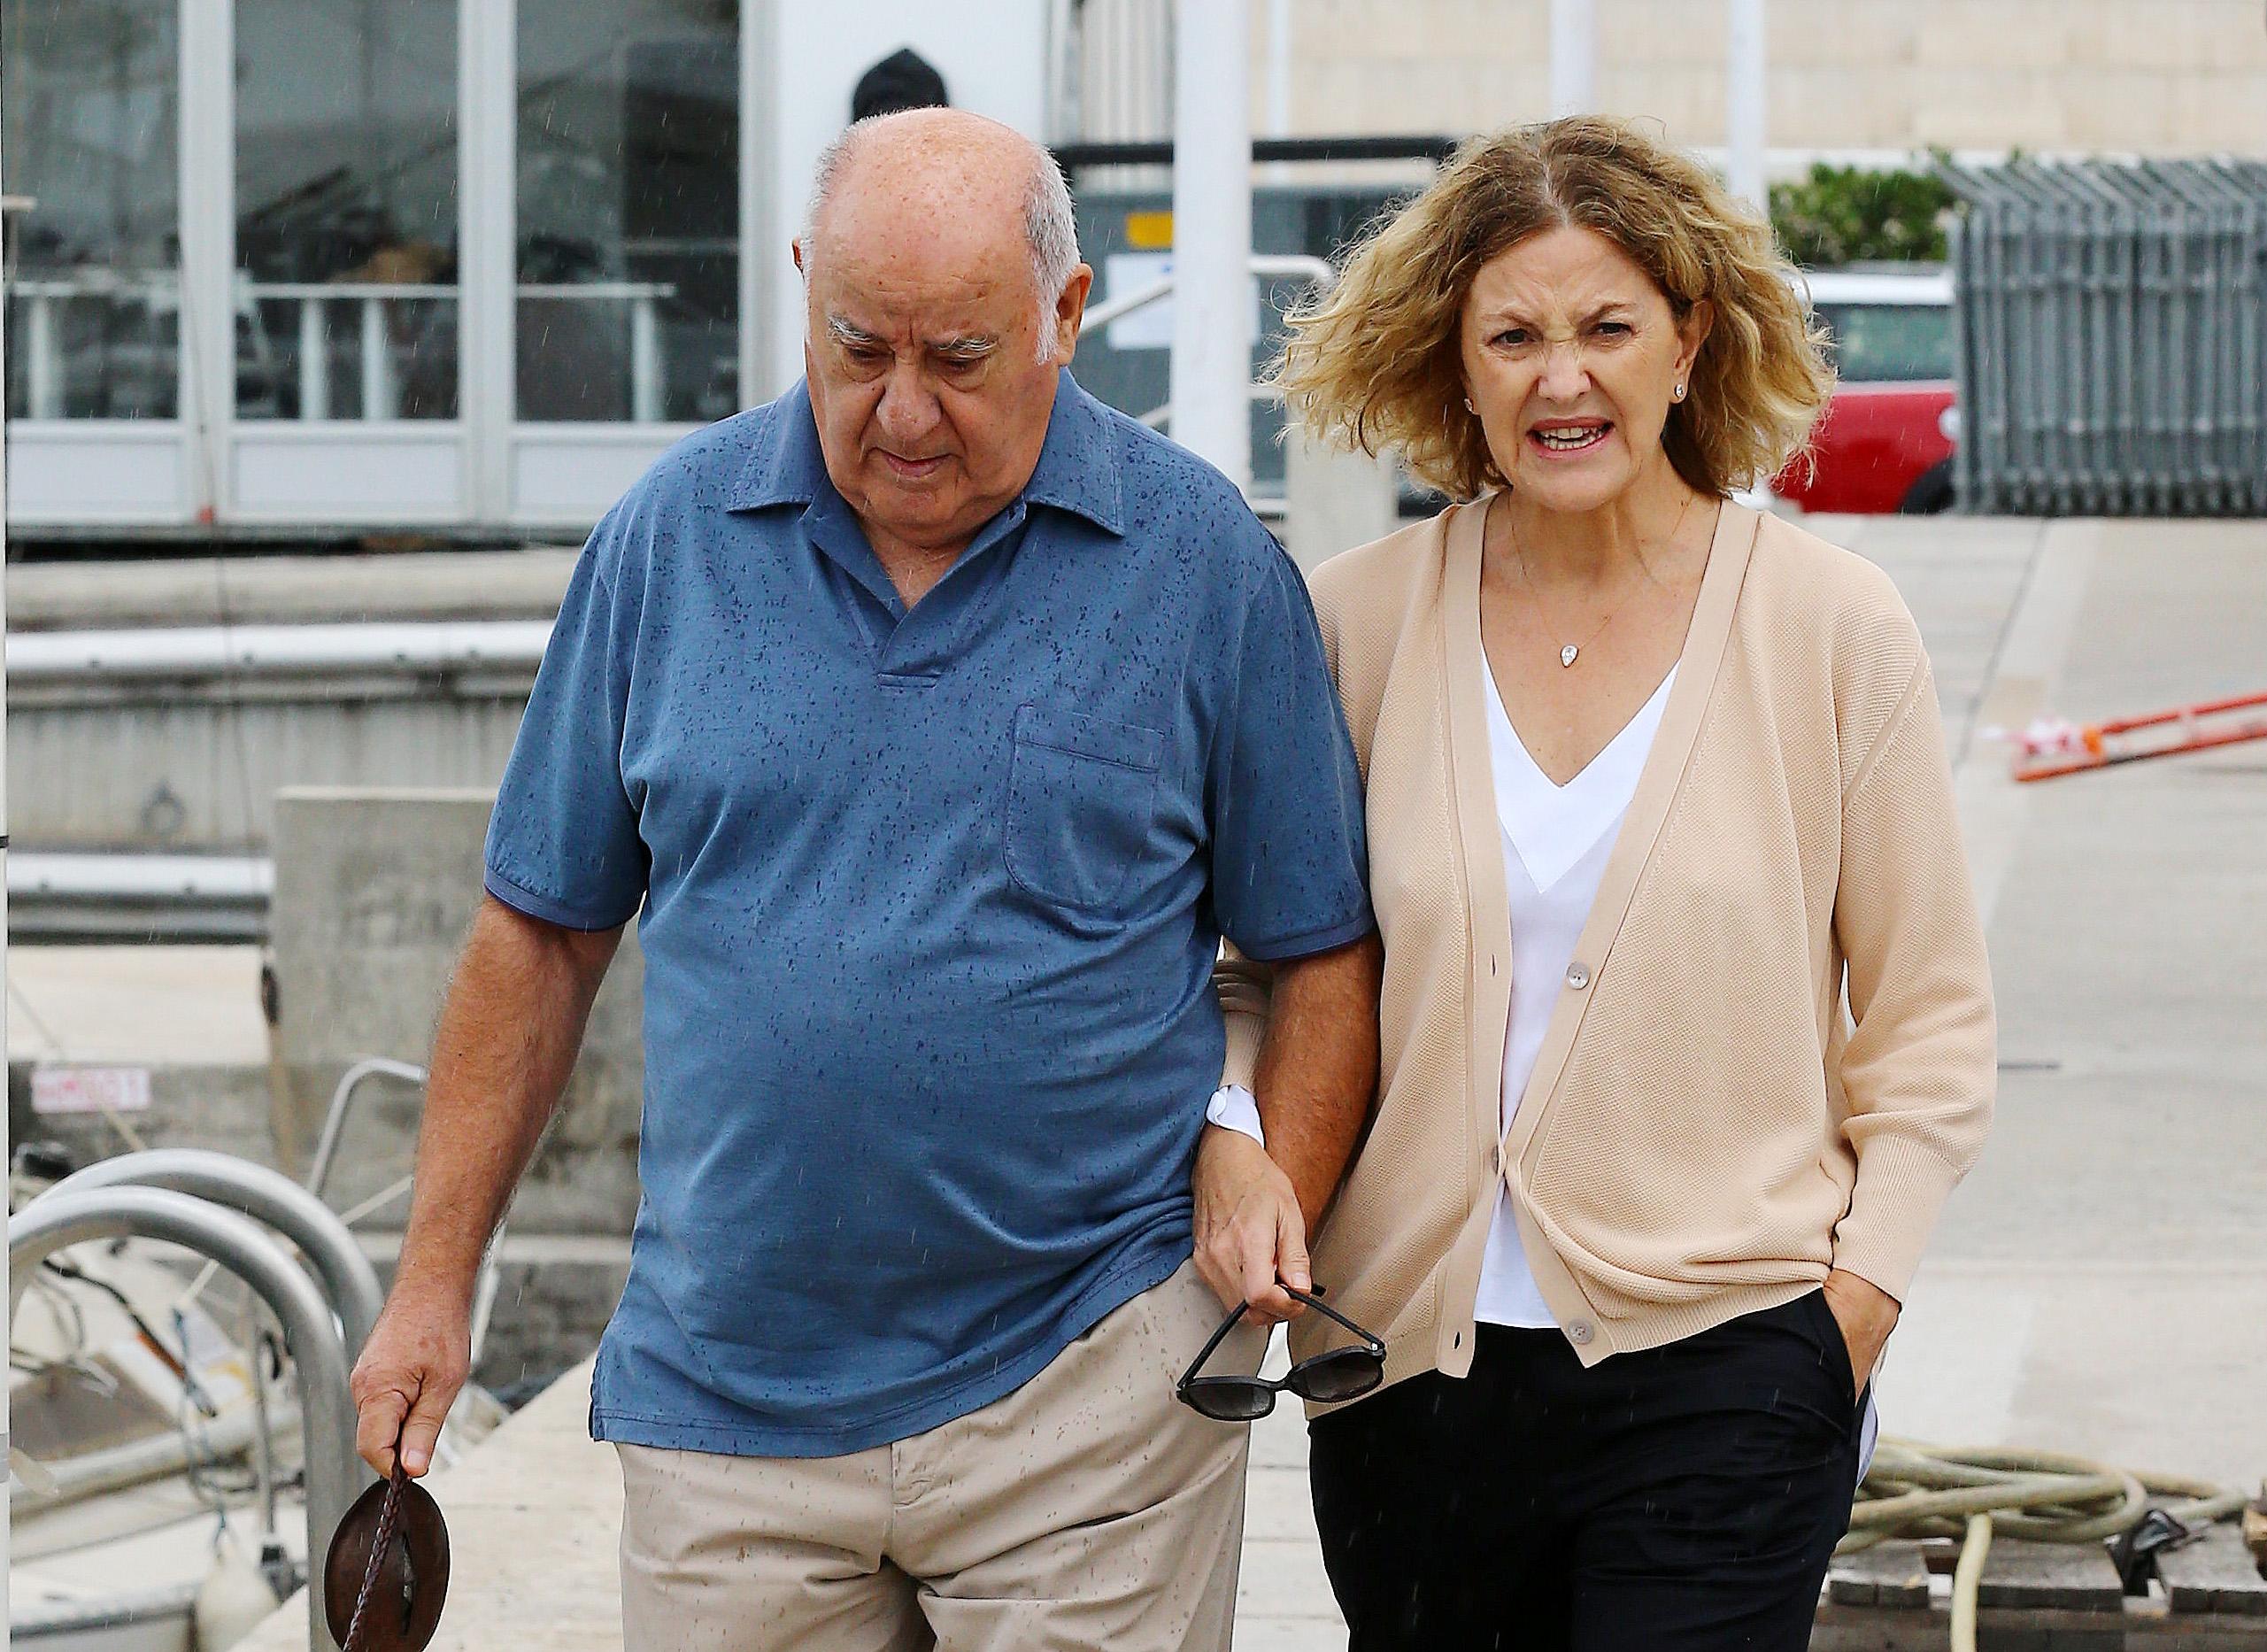 Амансио Ортега c супругой на отдыхе. Фото: SPLASH NEWS